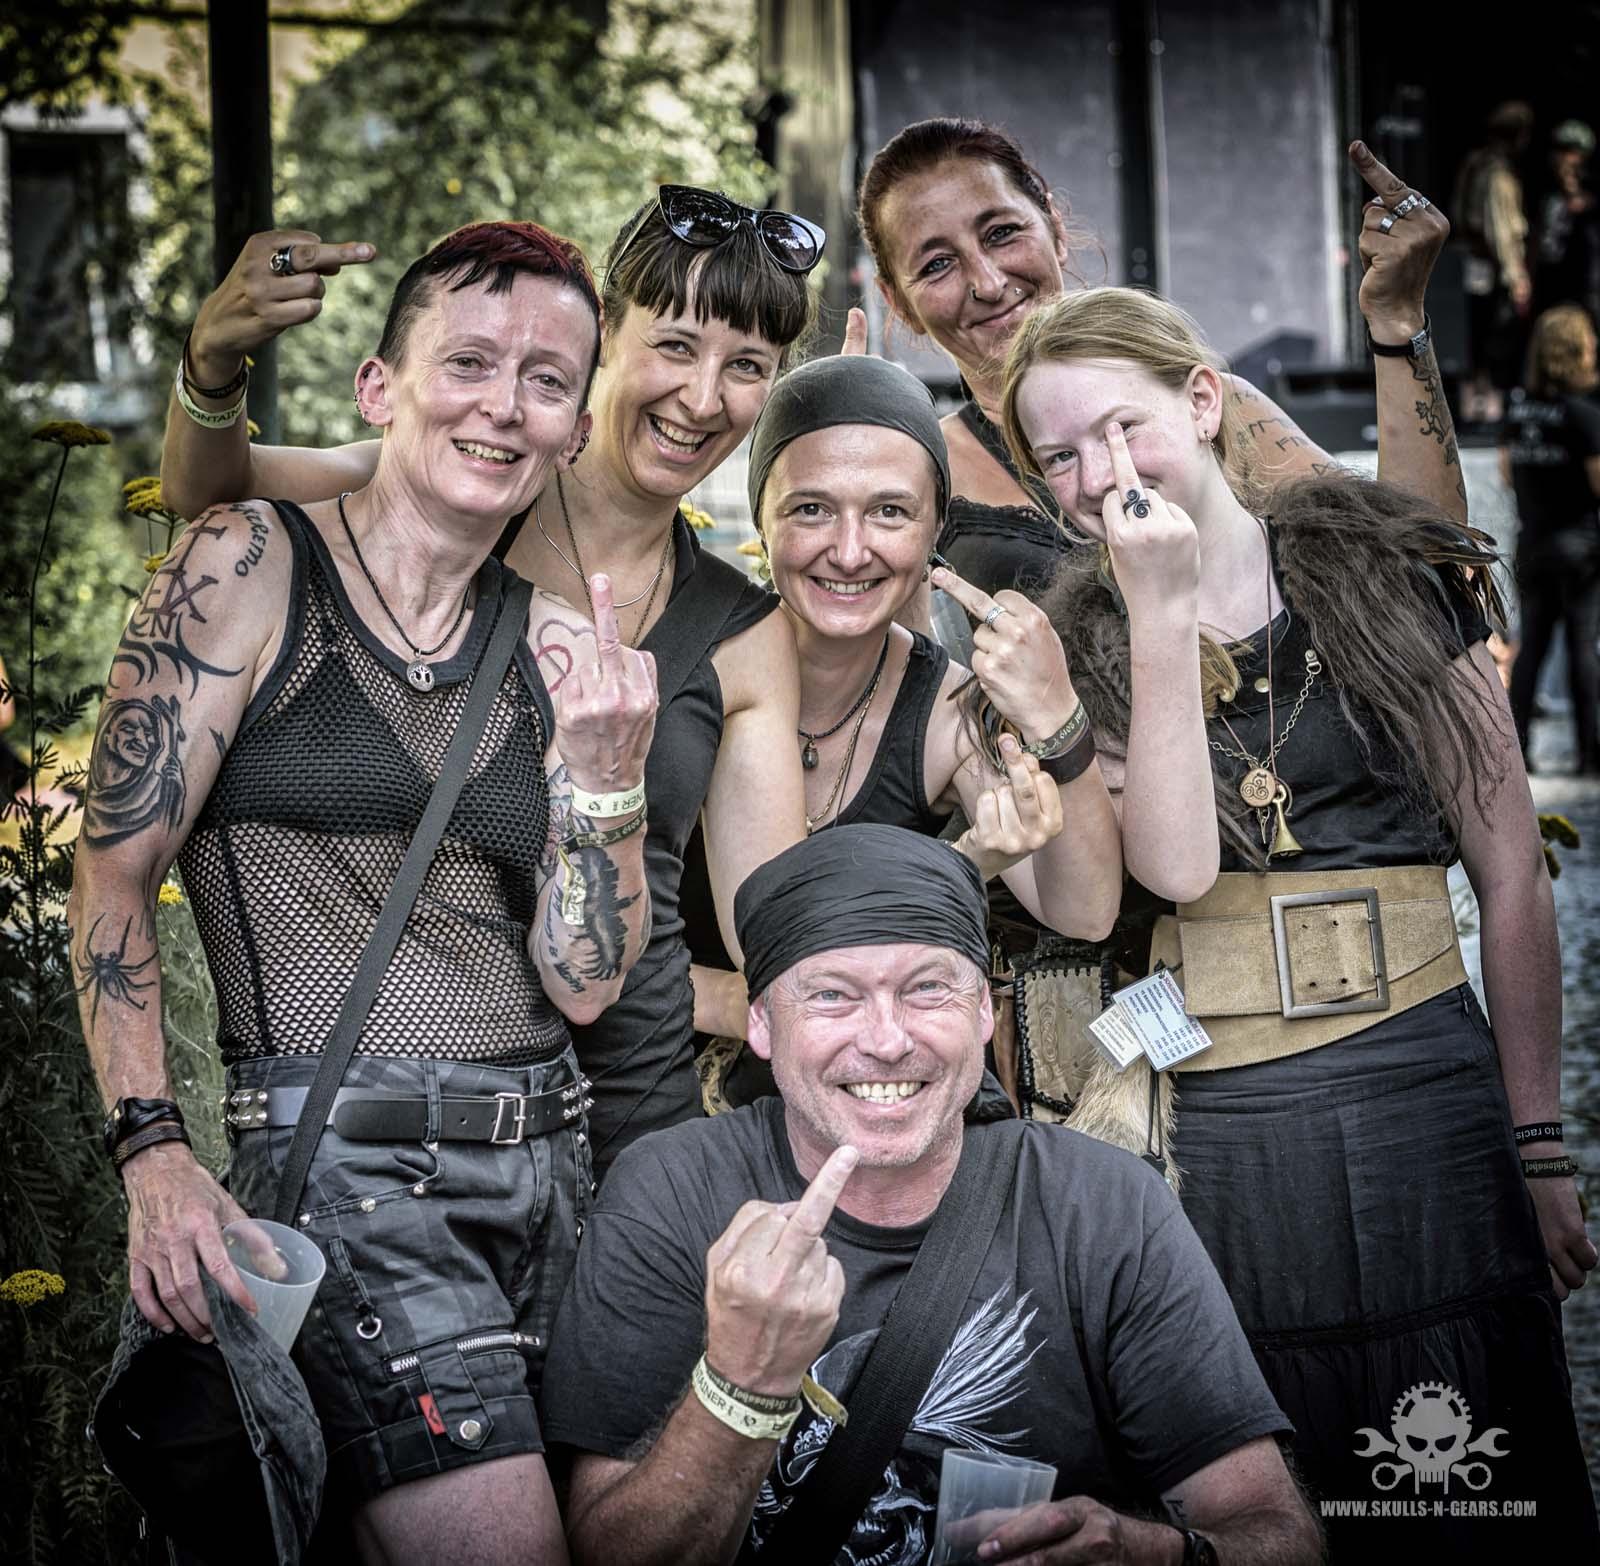 Schlosshof Festival - Besucher-53